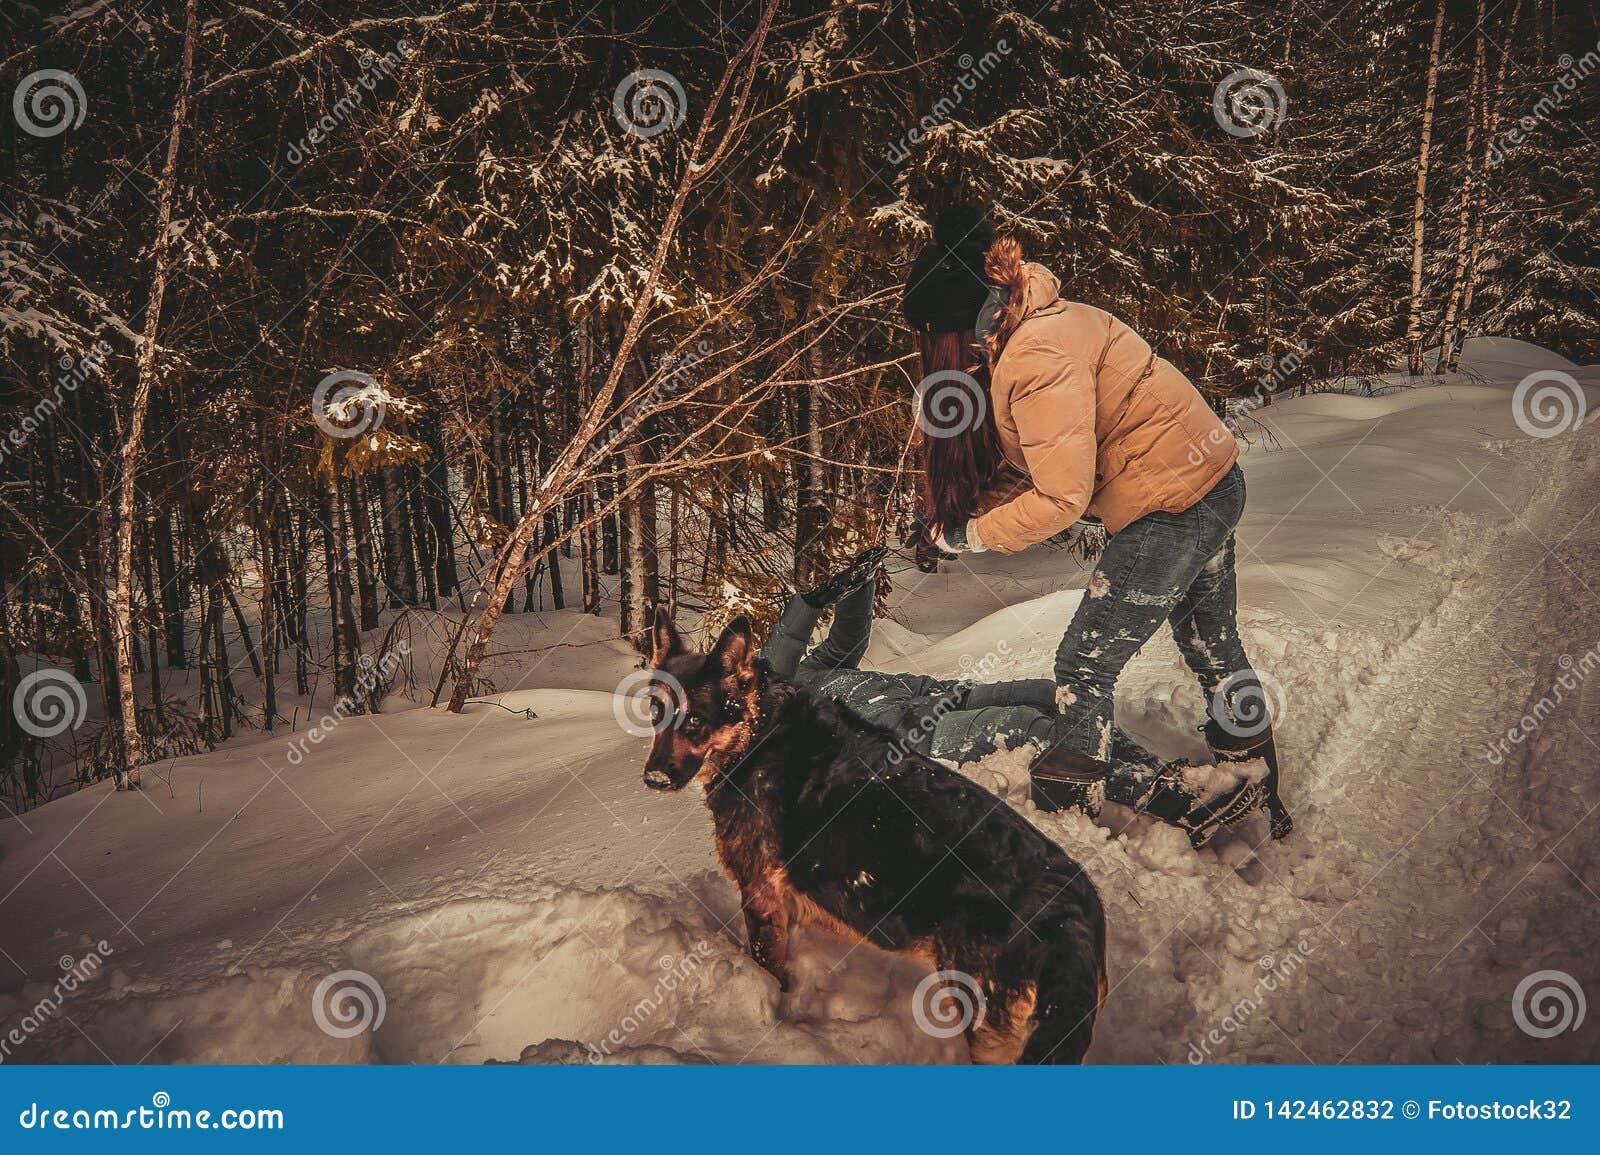 De meisjes spelen in de sneeuw, bekijkt de hond de fotograaf in verbijstering